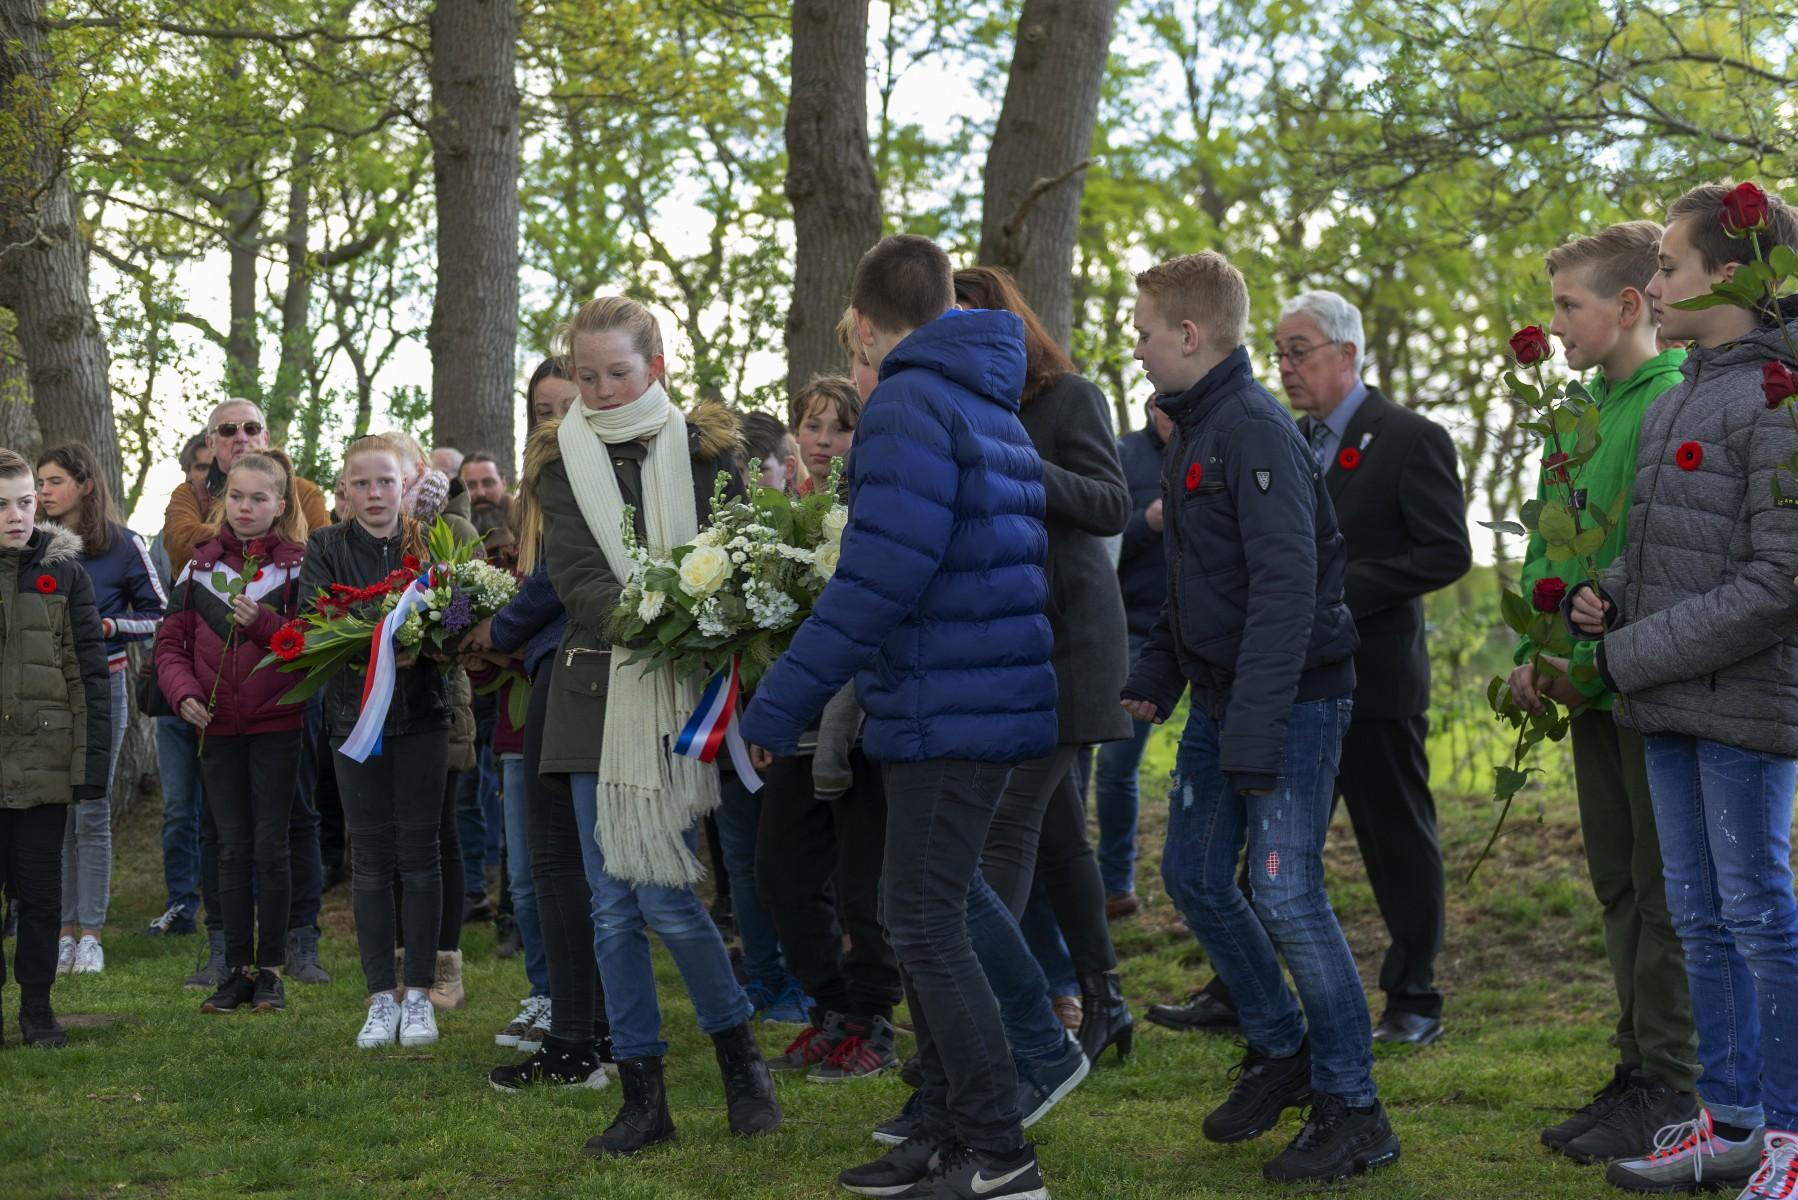 Foto Schooljeugd legt een krans tijdens de 4 mei herdenking op de Joodse begraafplaats in Dalen; 2019.